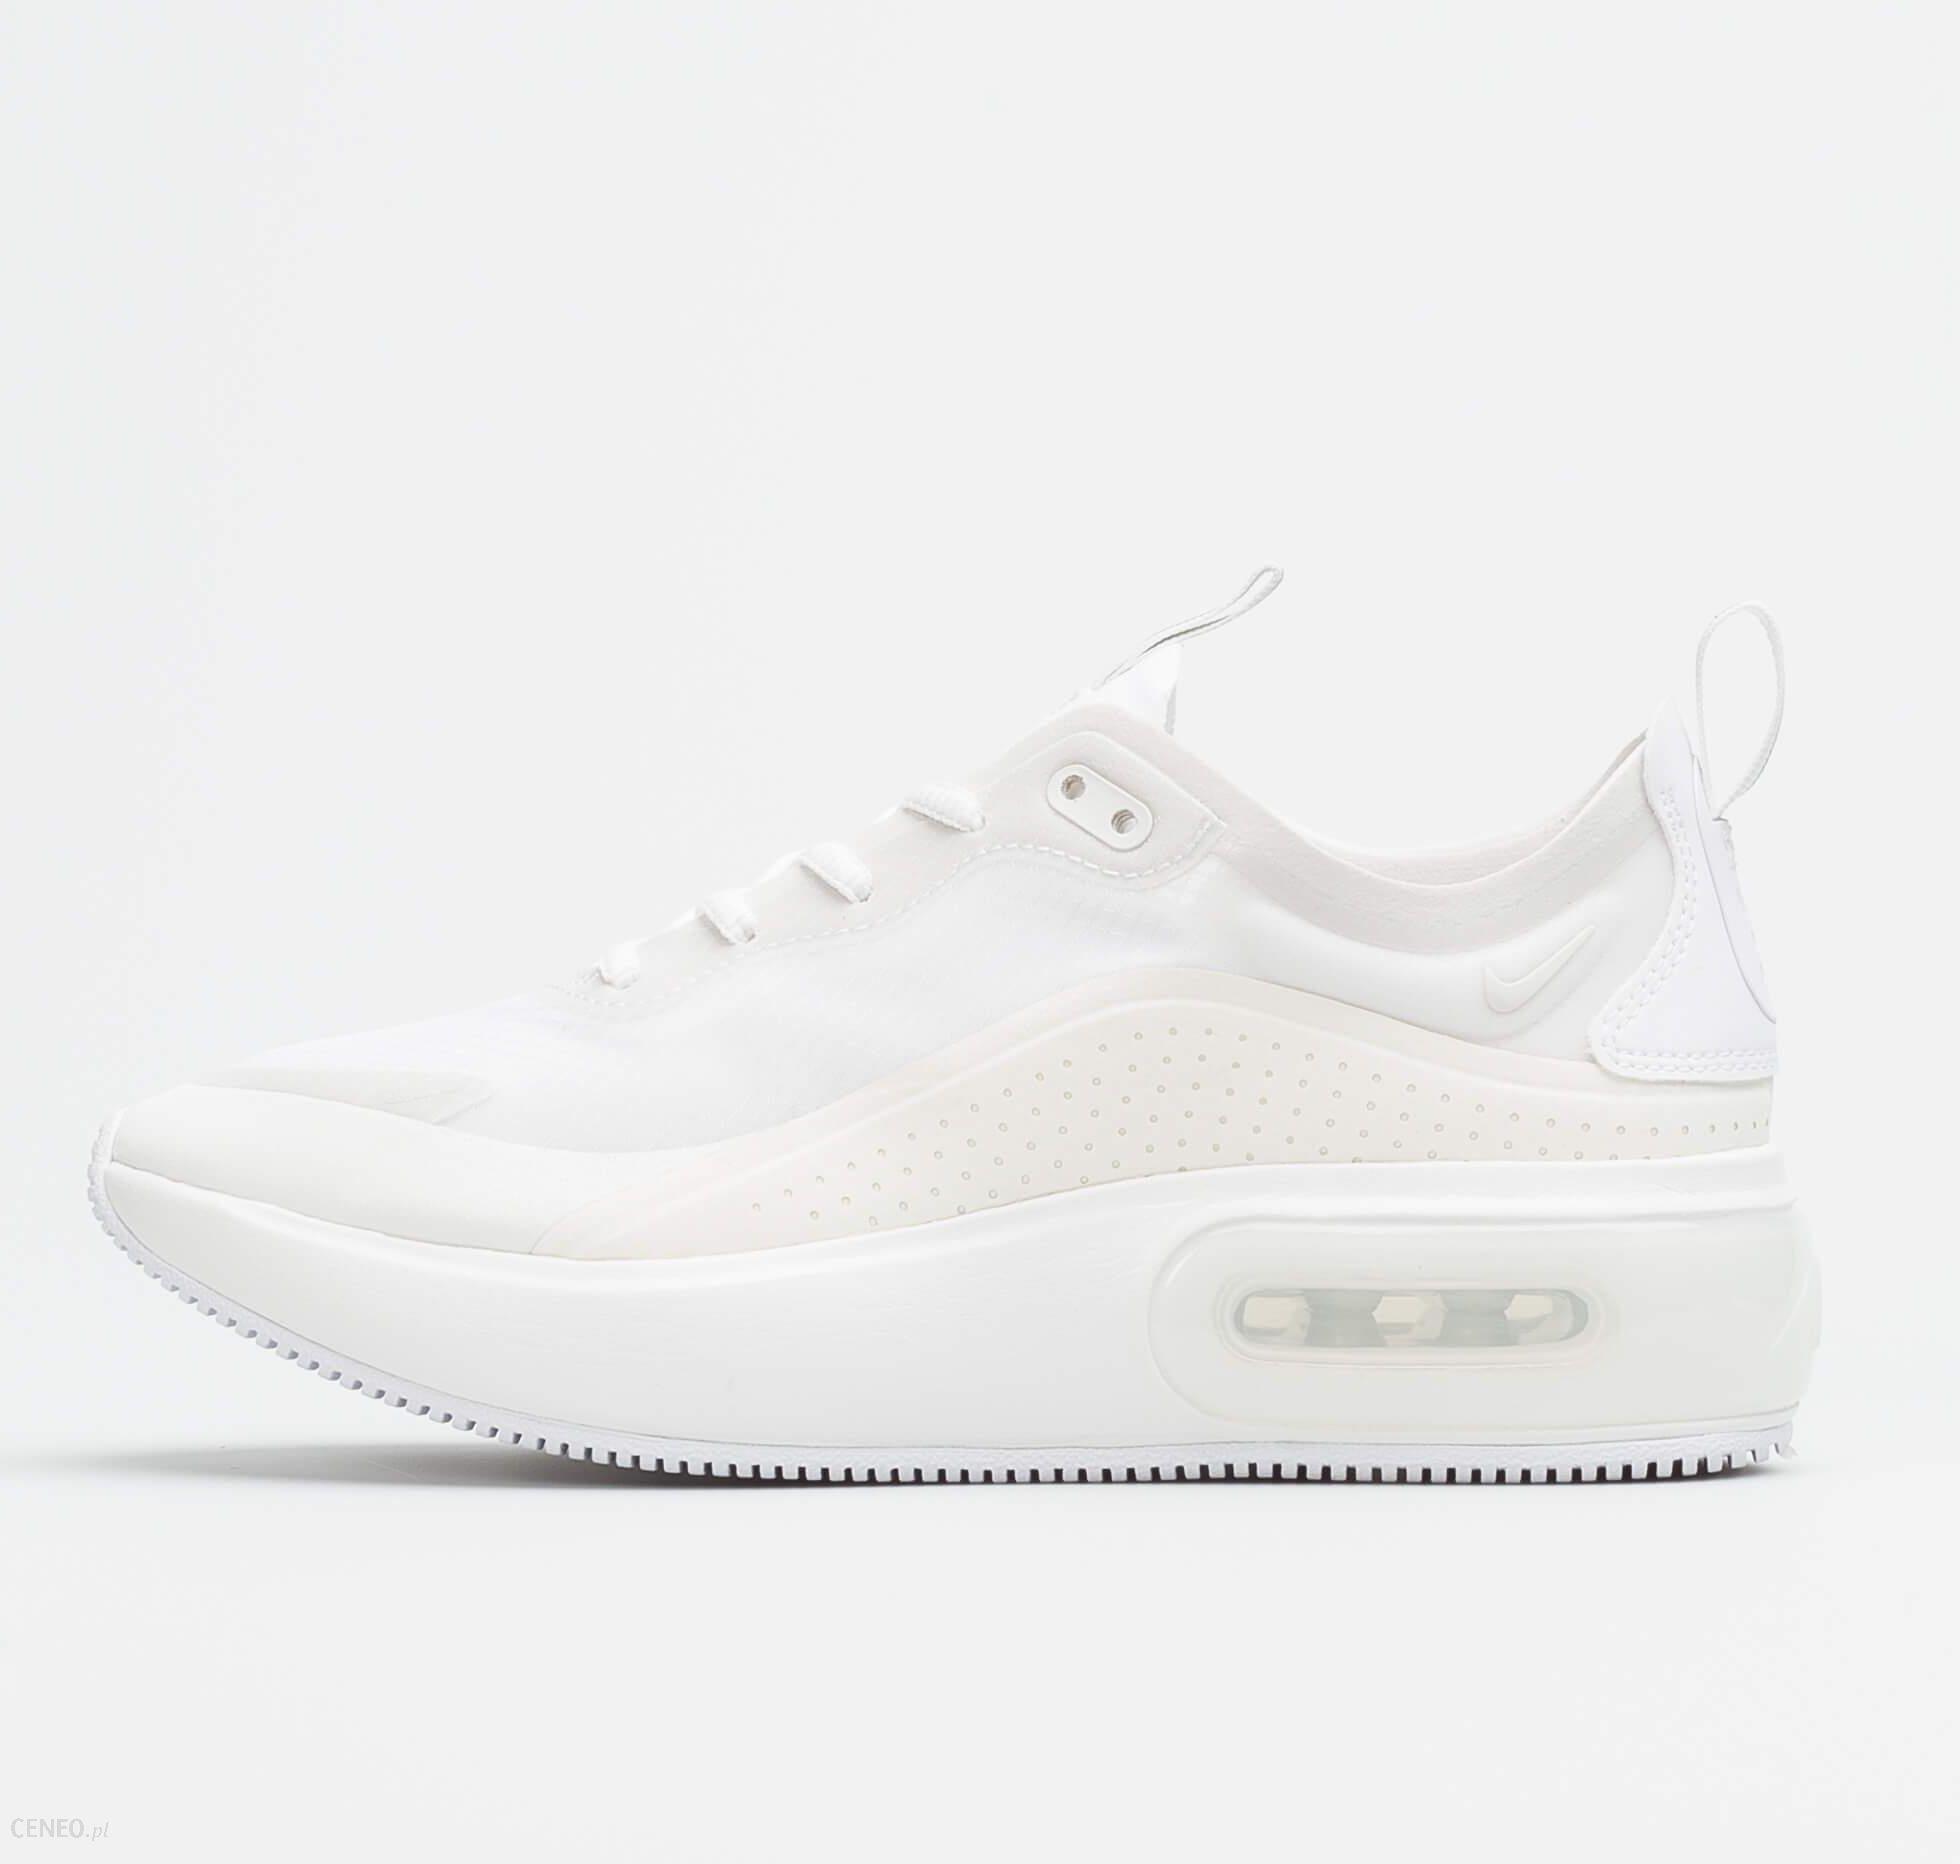 Nike Buty damskie Air Max Dia Se białe r. 40 (AR7410 105) w